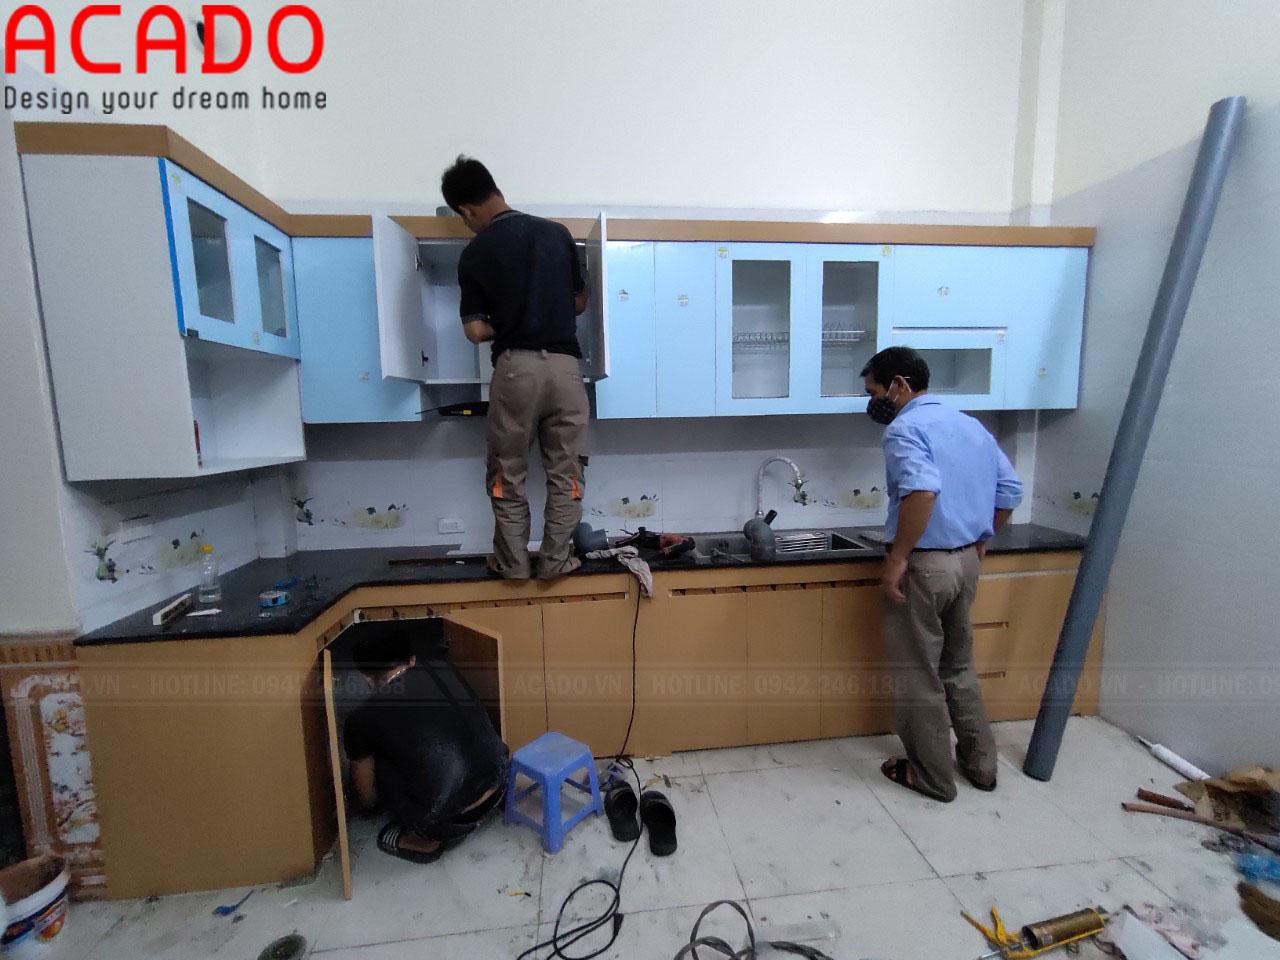 Chất liệu cánh tủ trên Acrylic trắng bóng gương giúp không gian căn bếp trở nên sang trọng, hiện đại